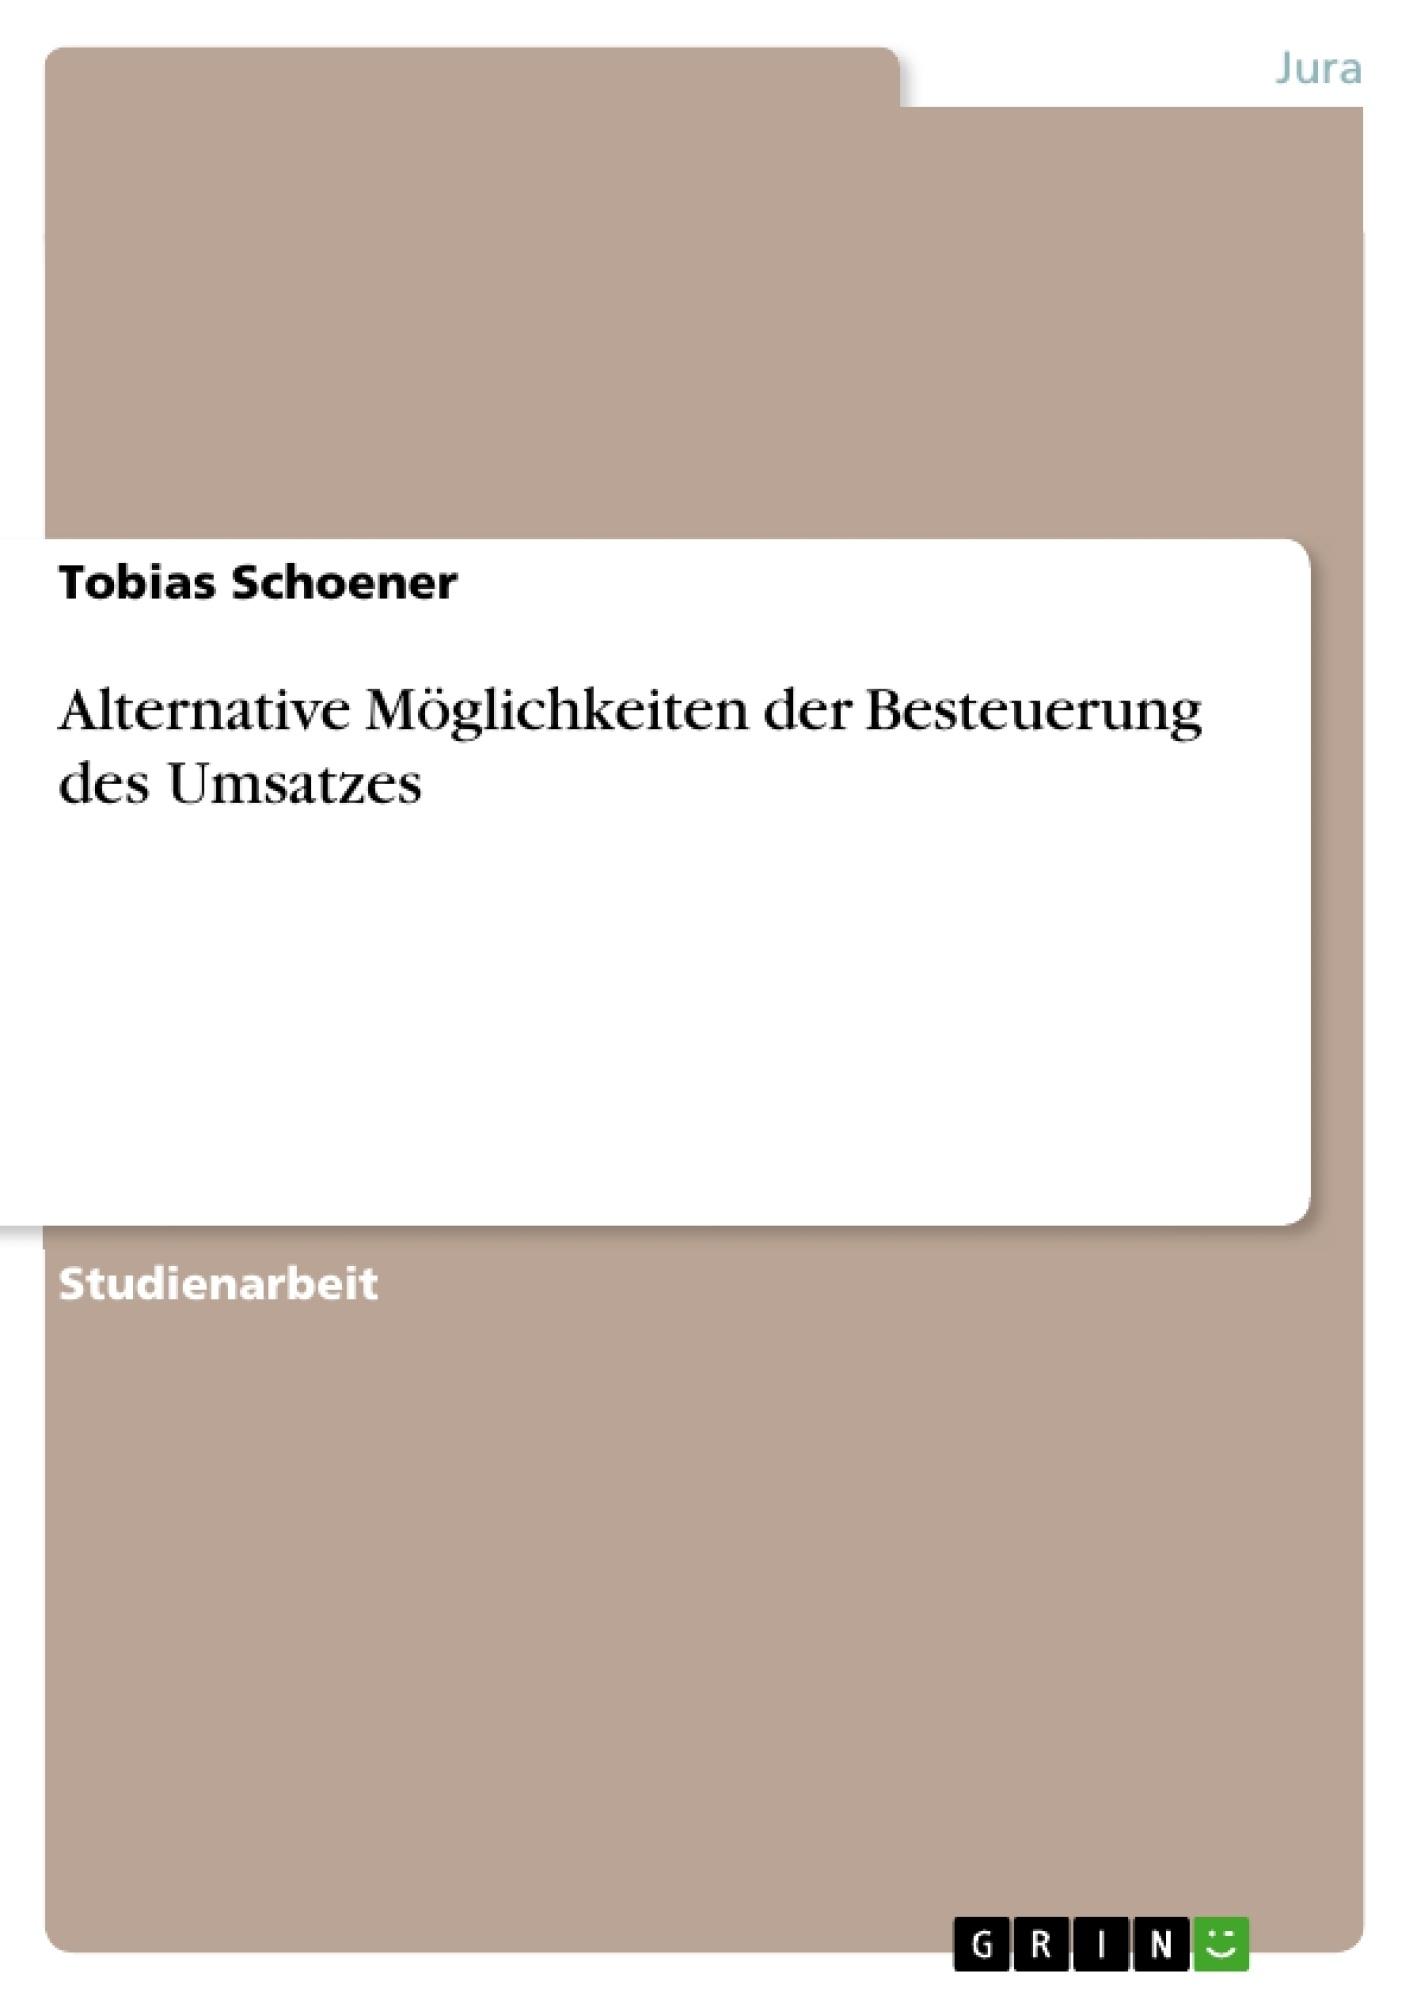 Titel: Alternative Möglichkeiten der Besteuerung des Umsatzes